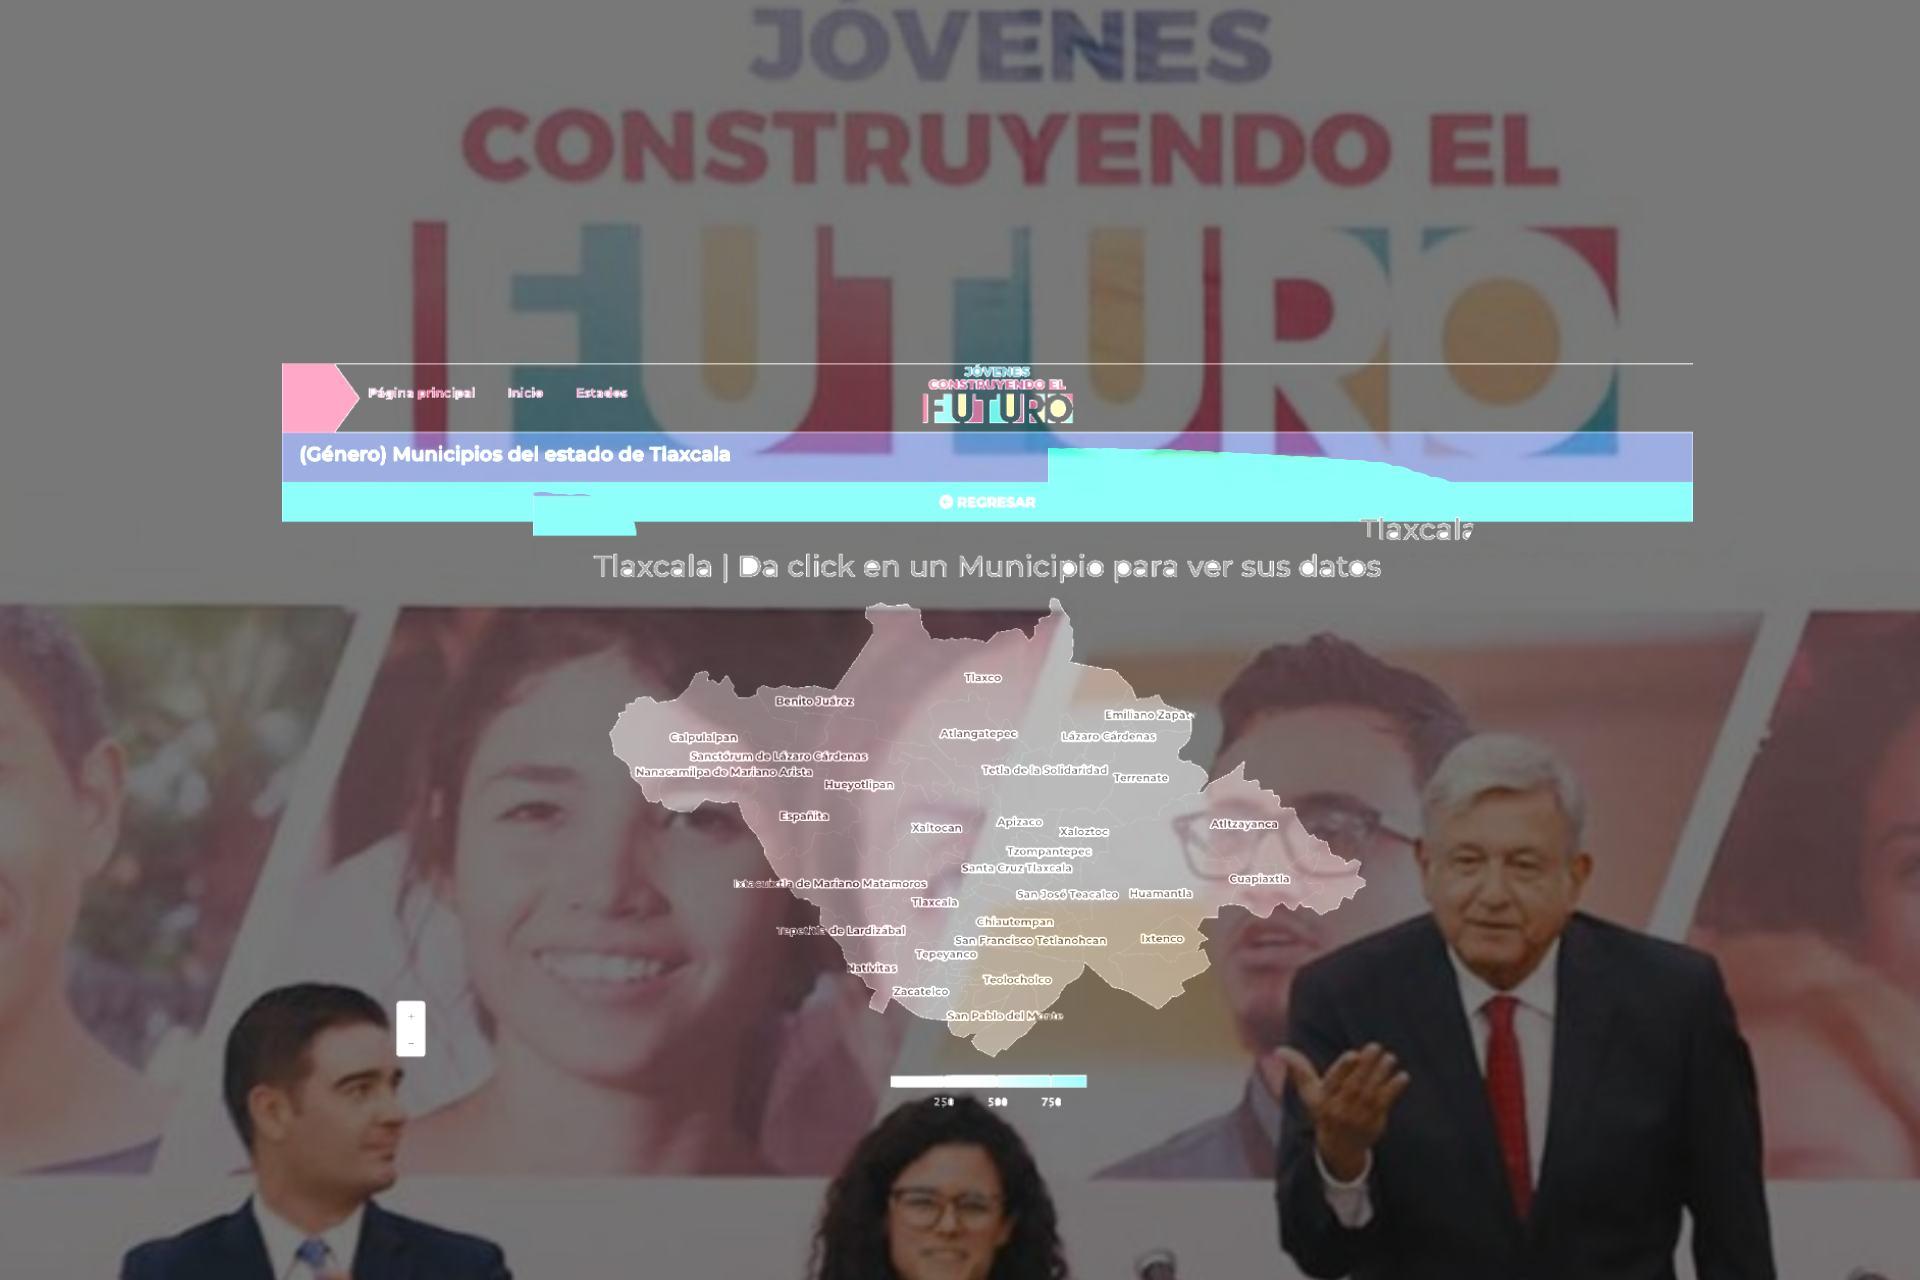 jóvenes-jóvenes construyendo el futuro-Tlaxcala-JCF-Secretaria del Trabajo